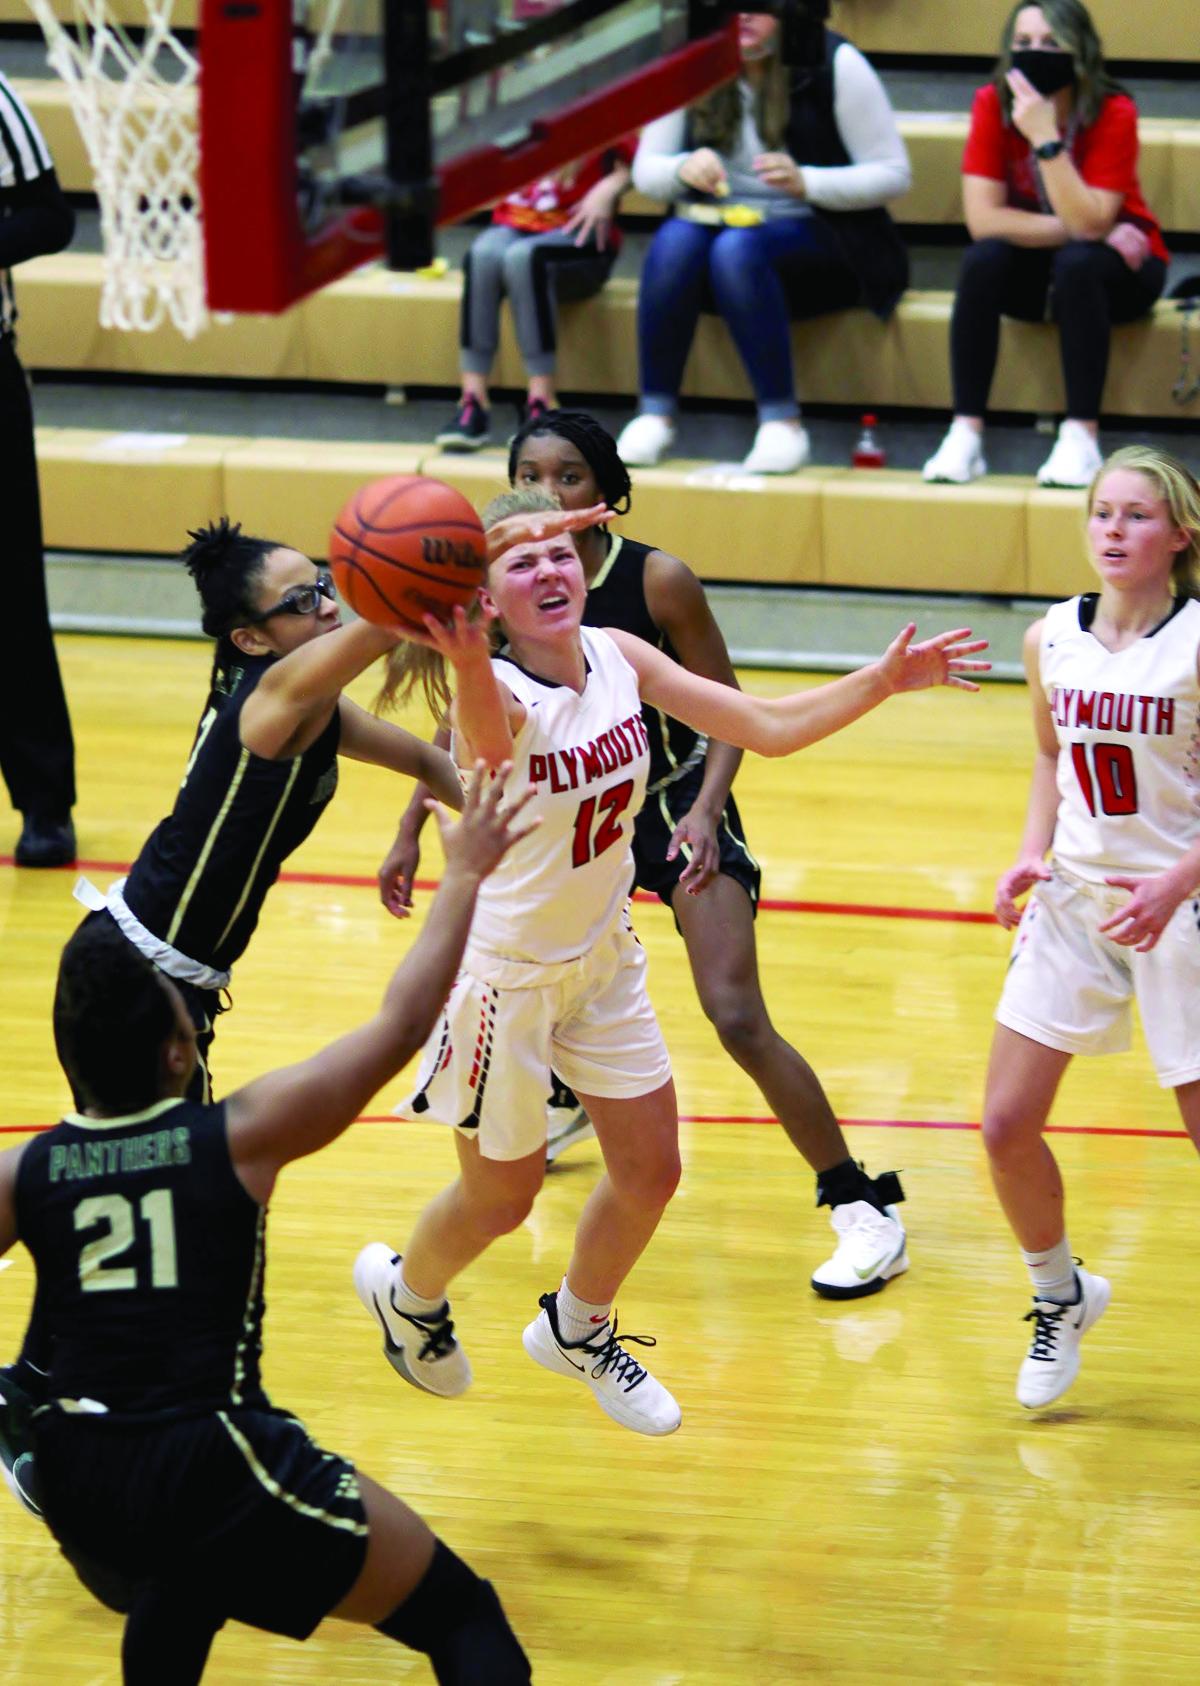 Lindsay Janus goes up for a shot under the basket